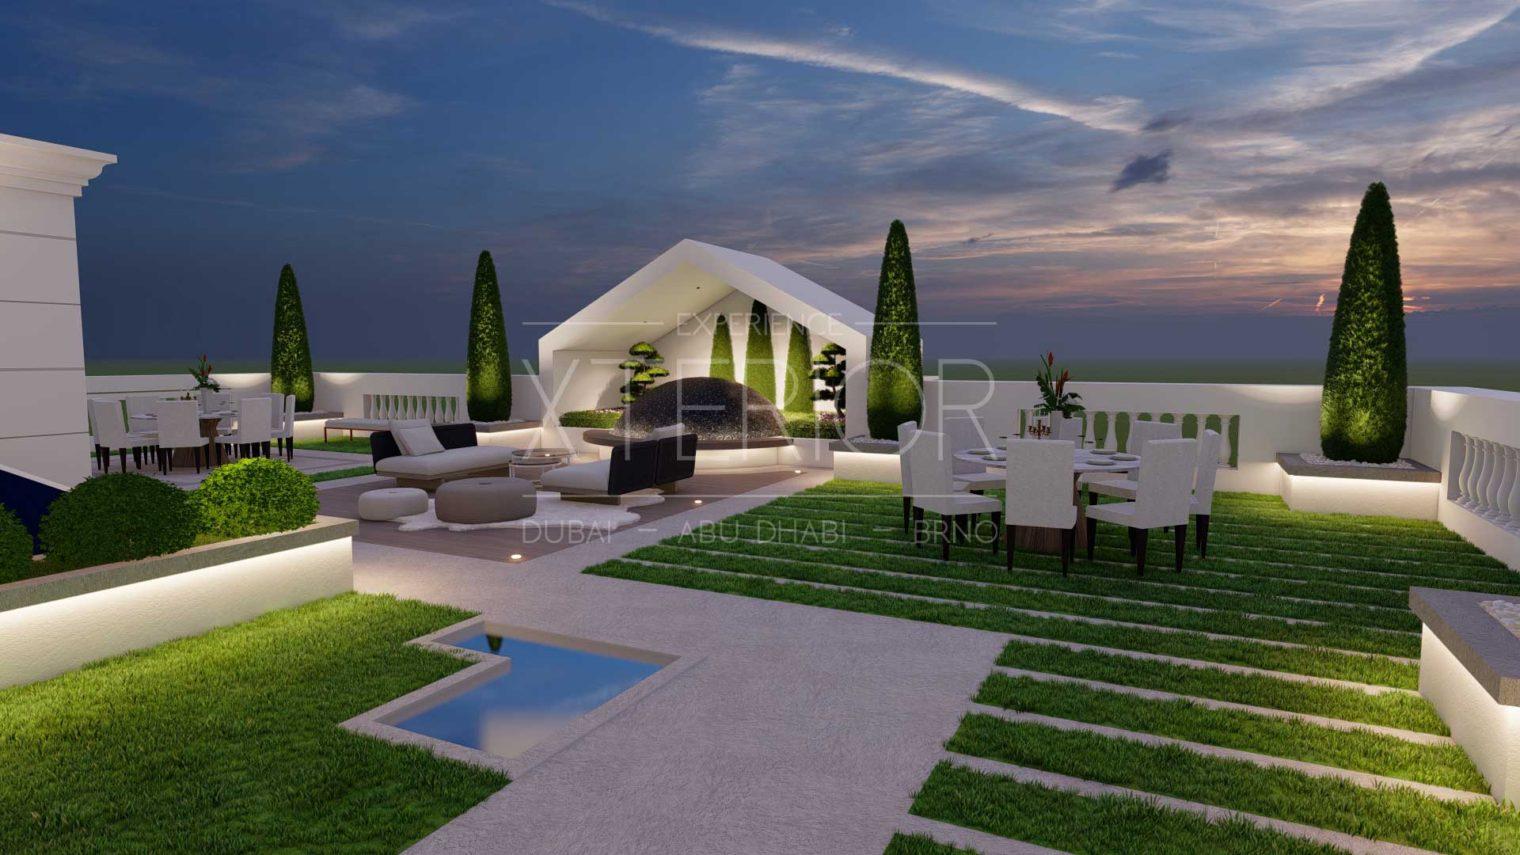 UMM AL SHEIF Outdoor Landscape Seating Area